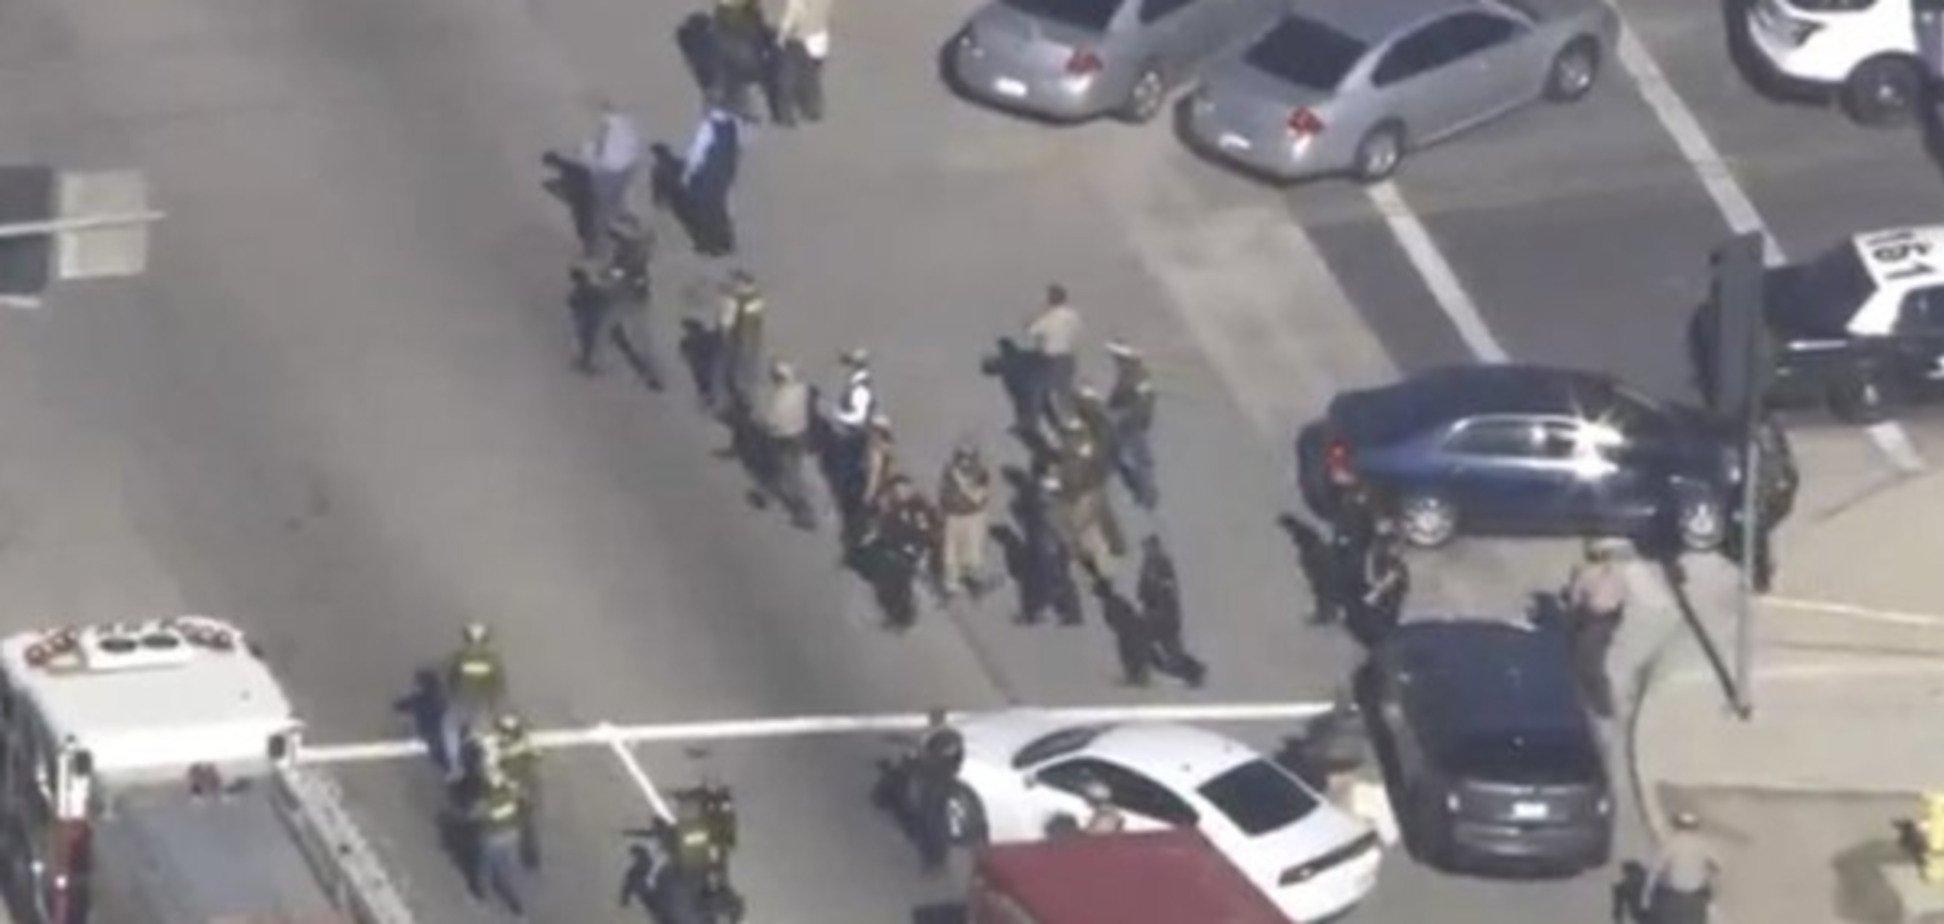 Розстріл у Каліфорнії: злочинці могли бути одягнені у військову форму